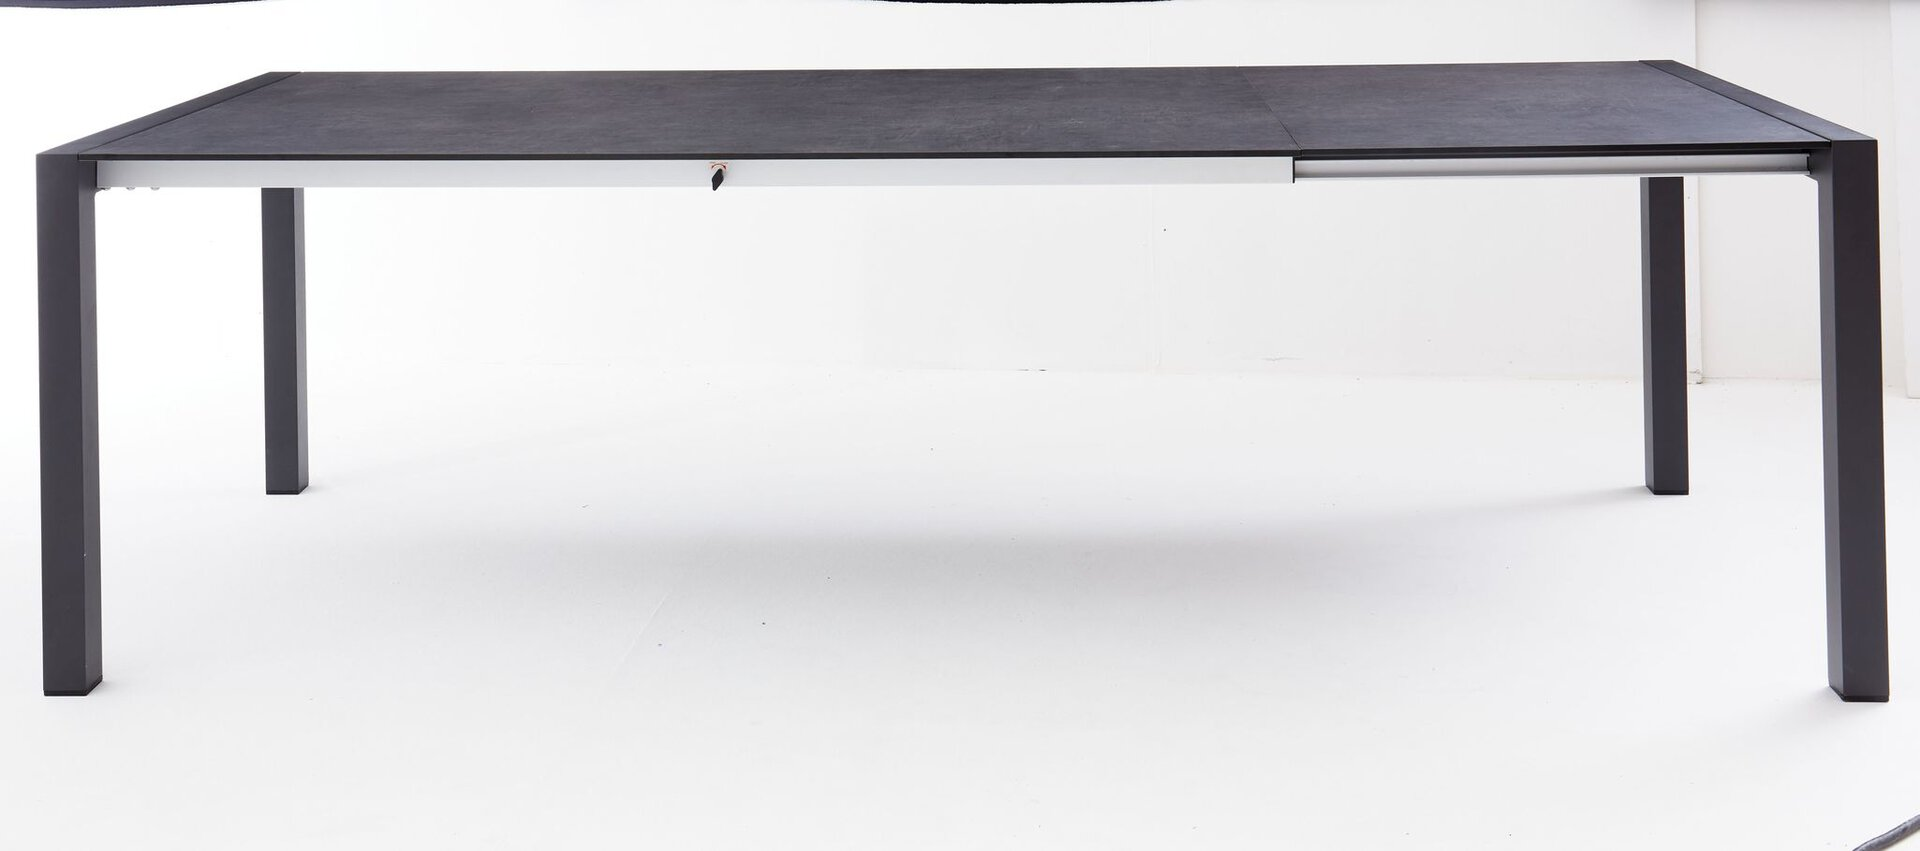 Ausziehtisch ALINA II Outdoor Metall grau 100 x 74 x 180 cm